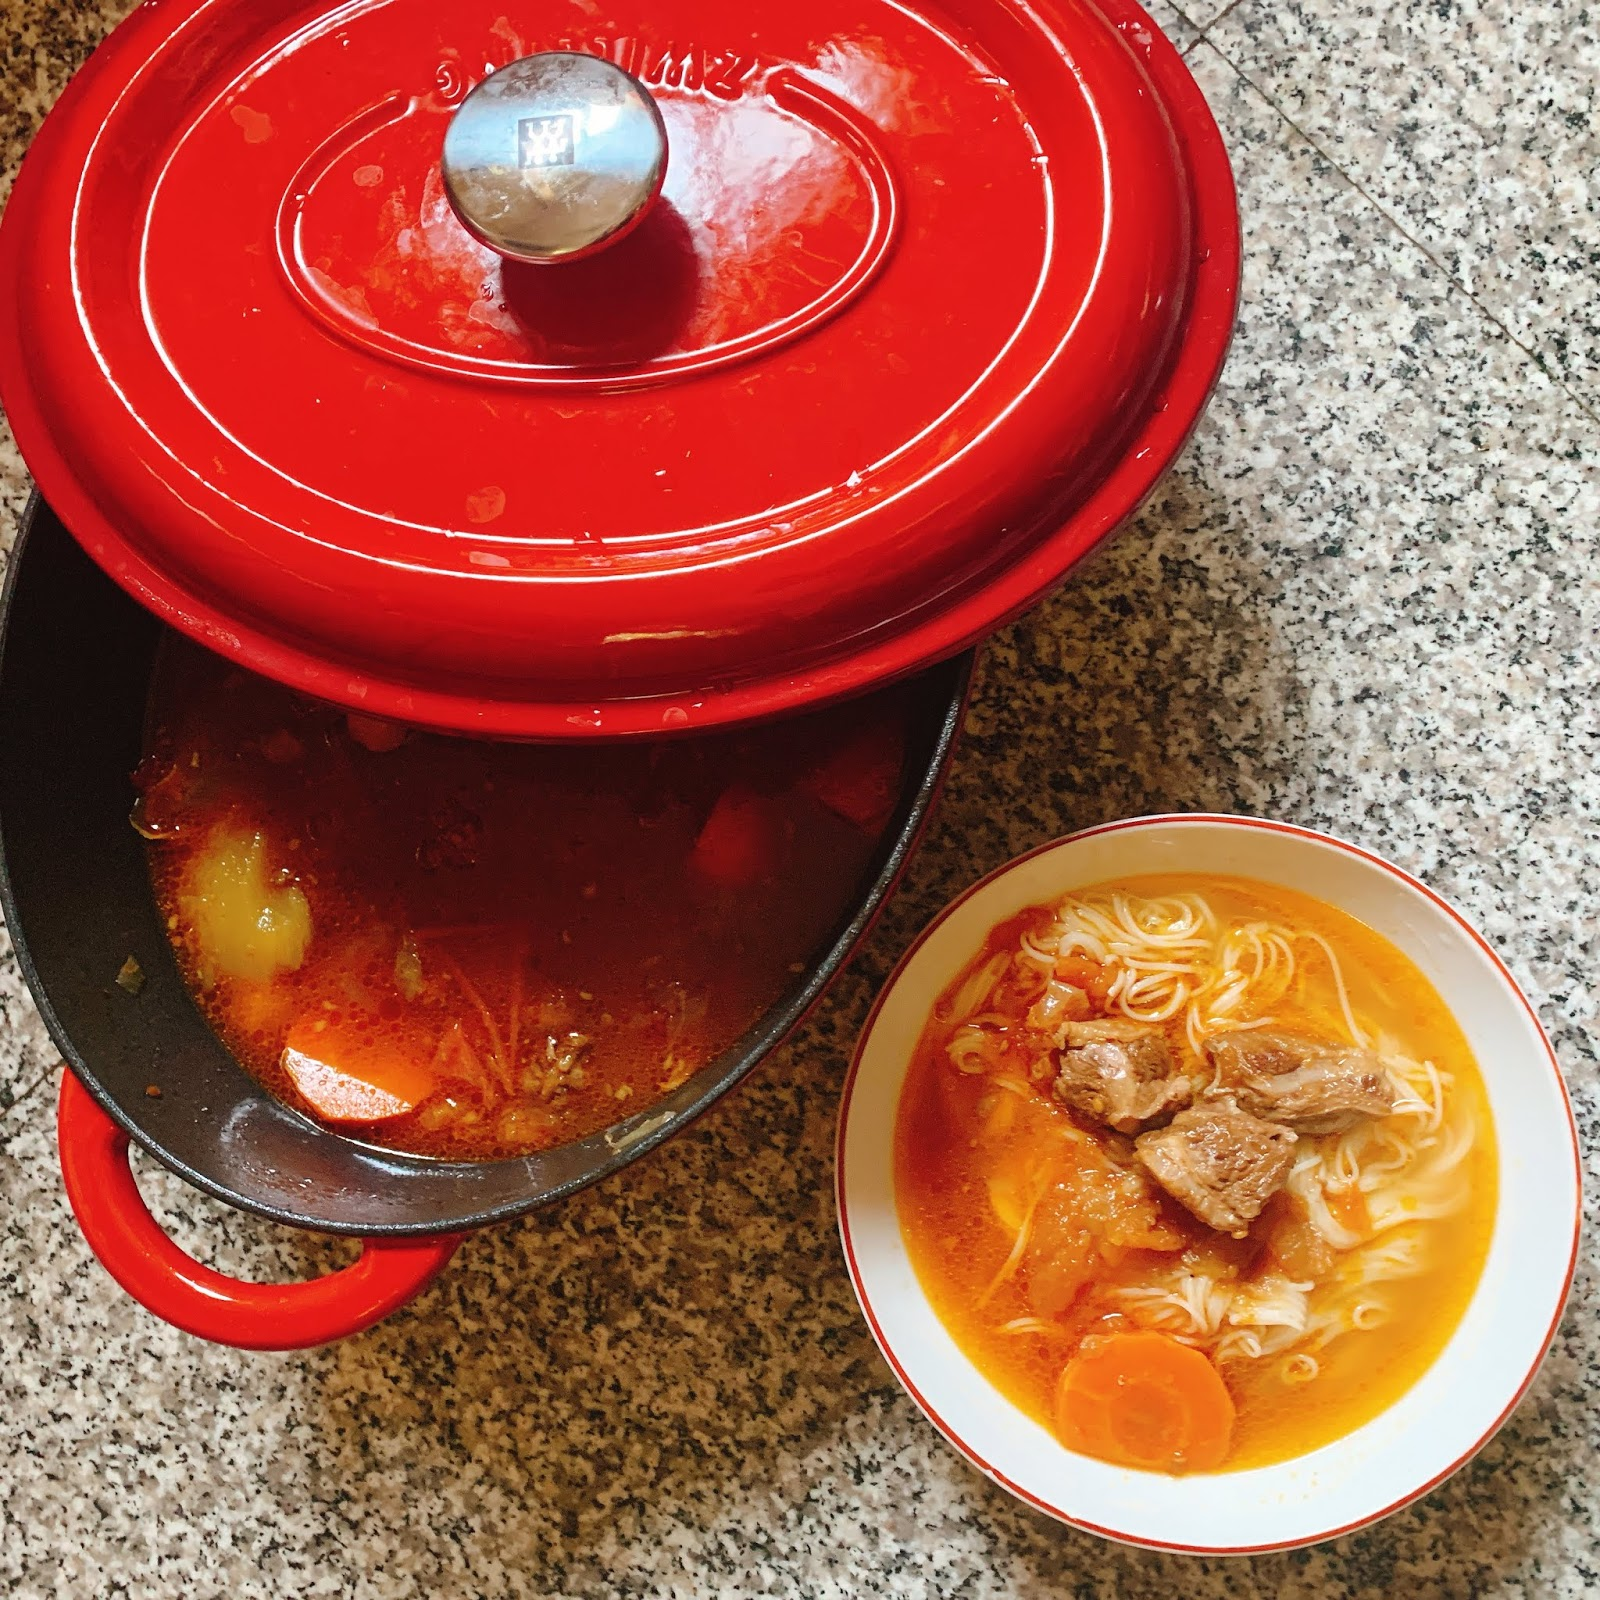 番茄牛肉湯/大碗又滿意的紅燒牛肉湯/全聯鑄鐵鍋/開煮/大男孩的煮食日記